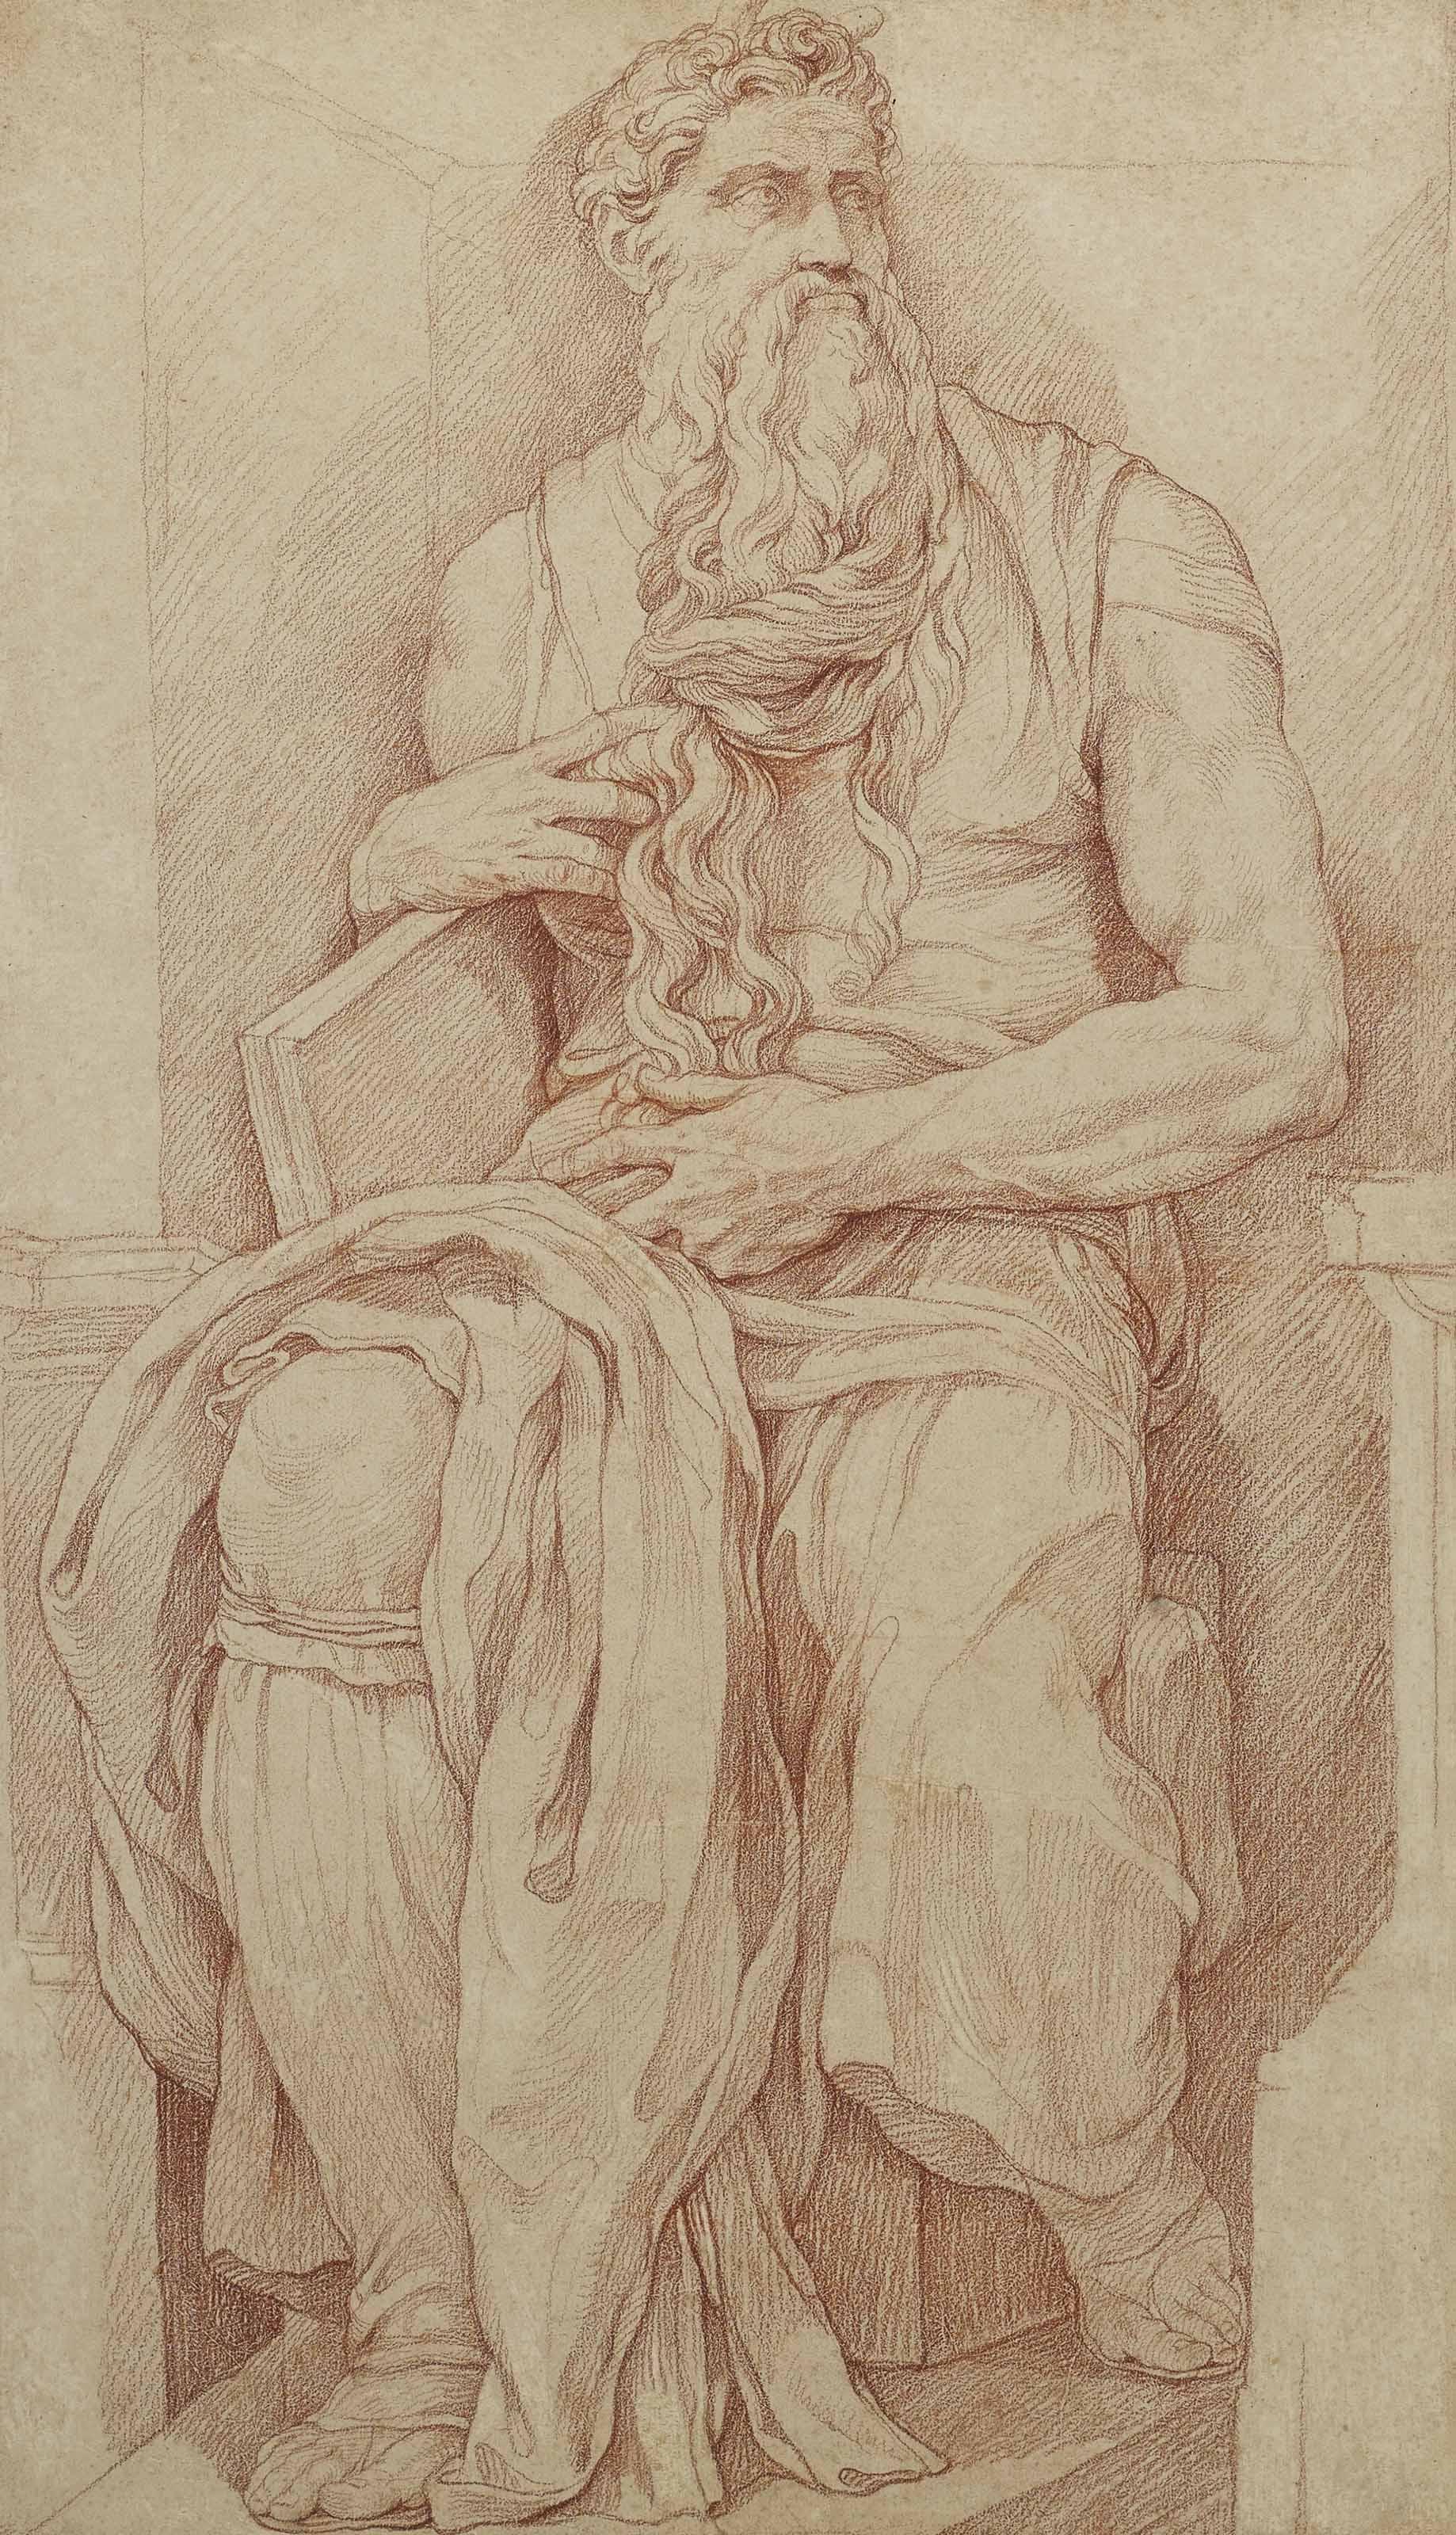 Moïse, d'après Michel-Ange